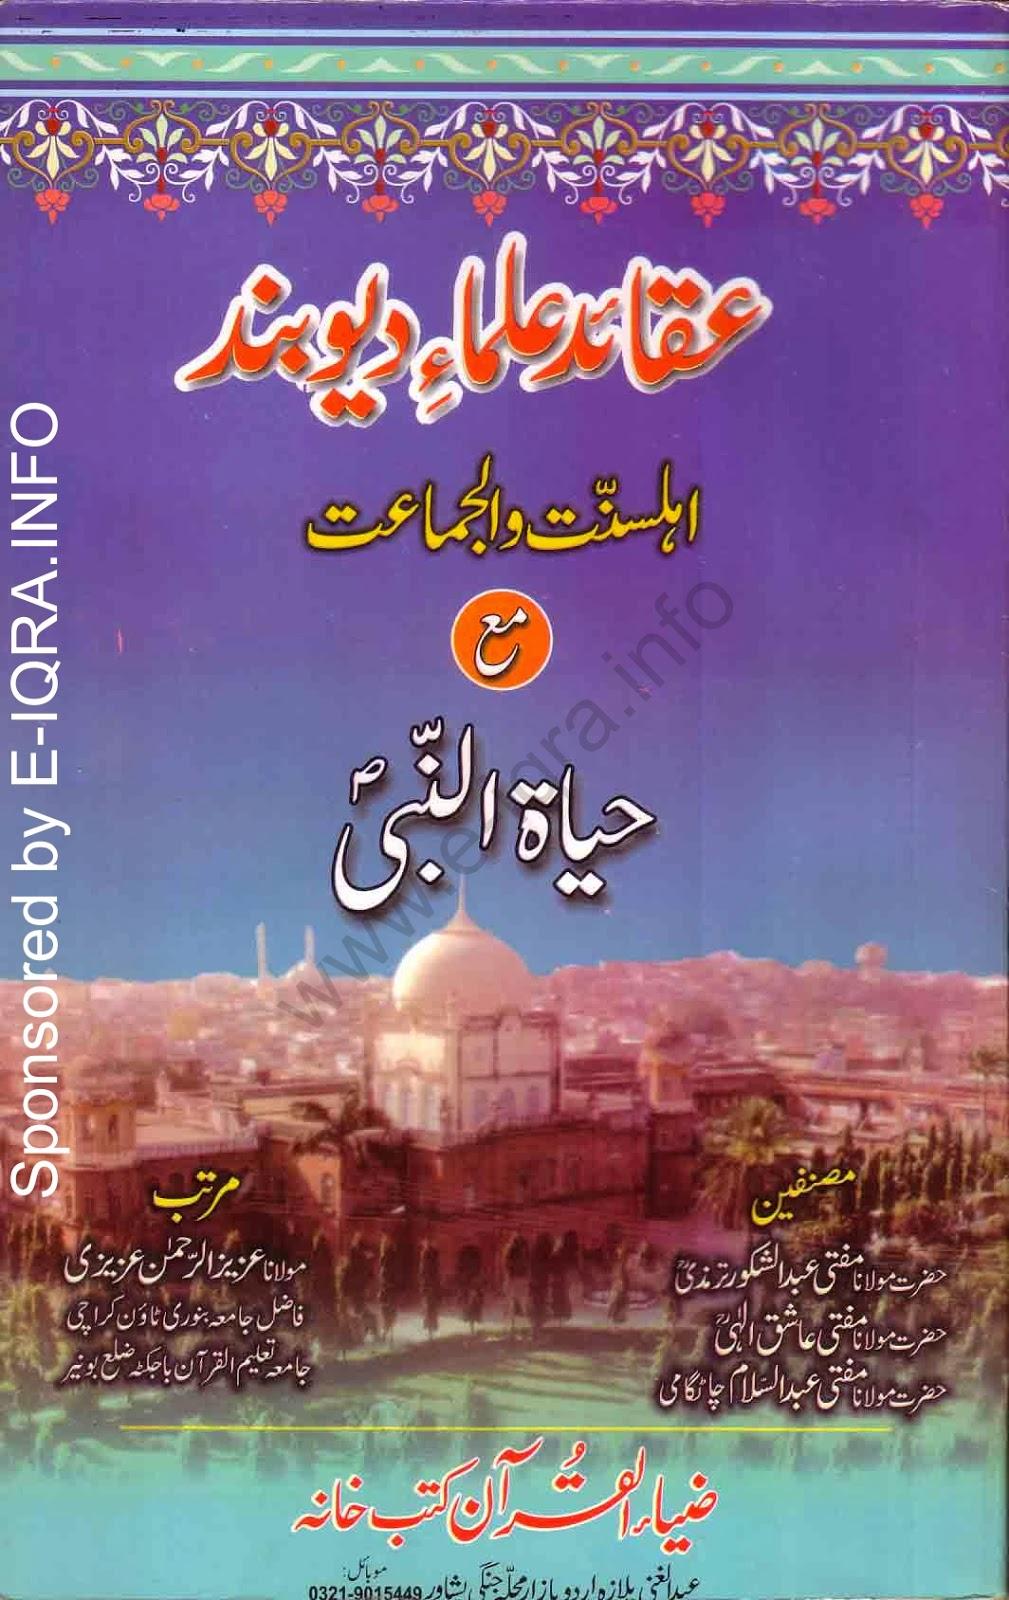 Urdu Islamic BOOKS Forum: Aqaed-e-ulama-e-deoband